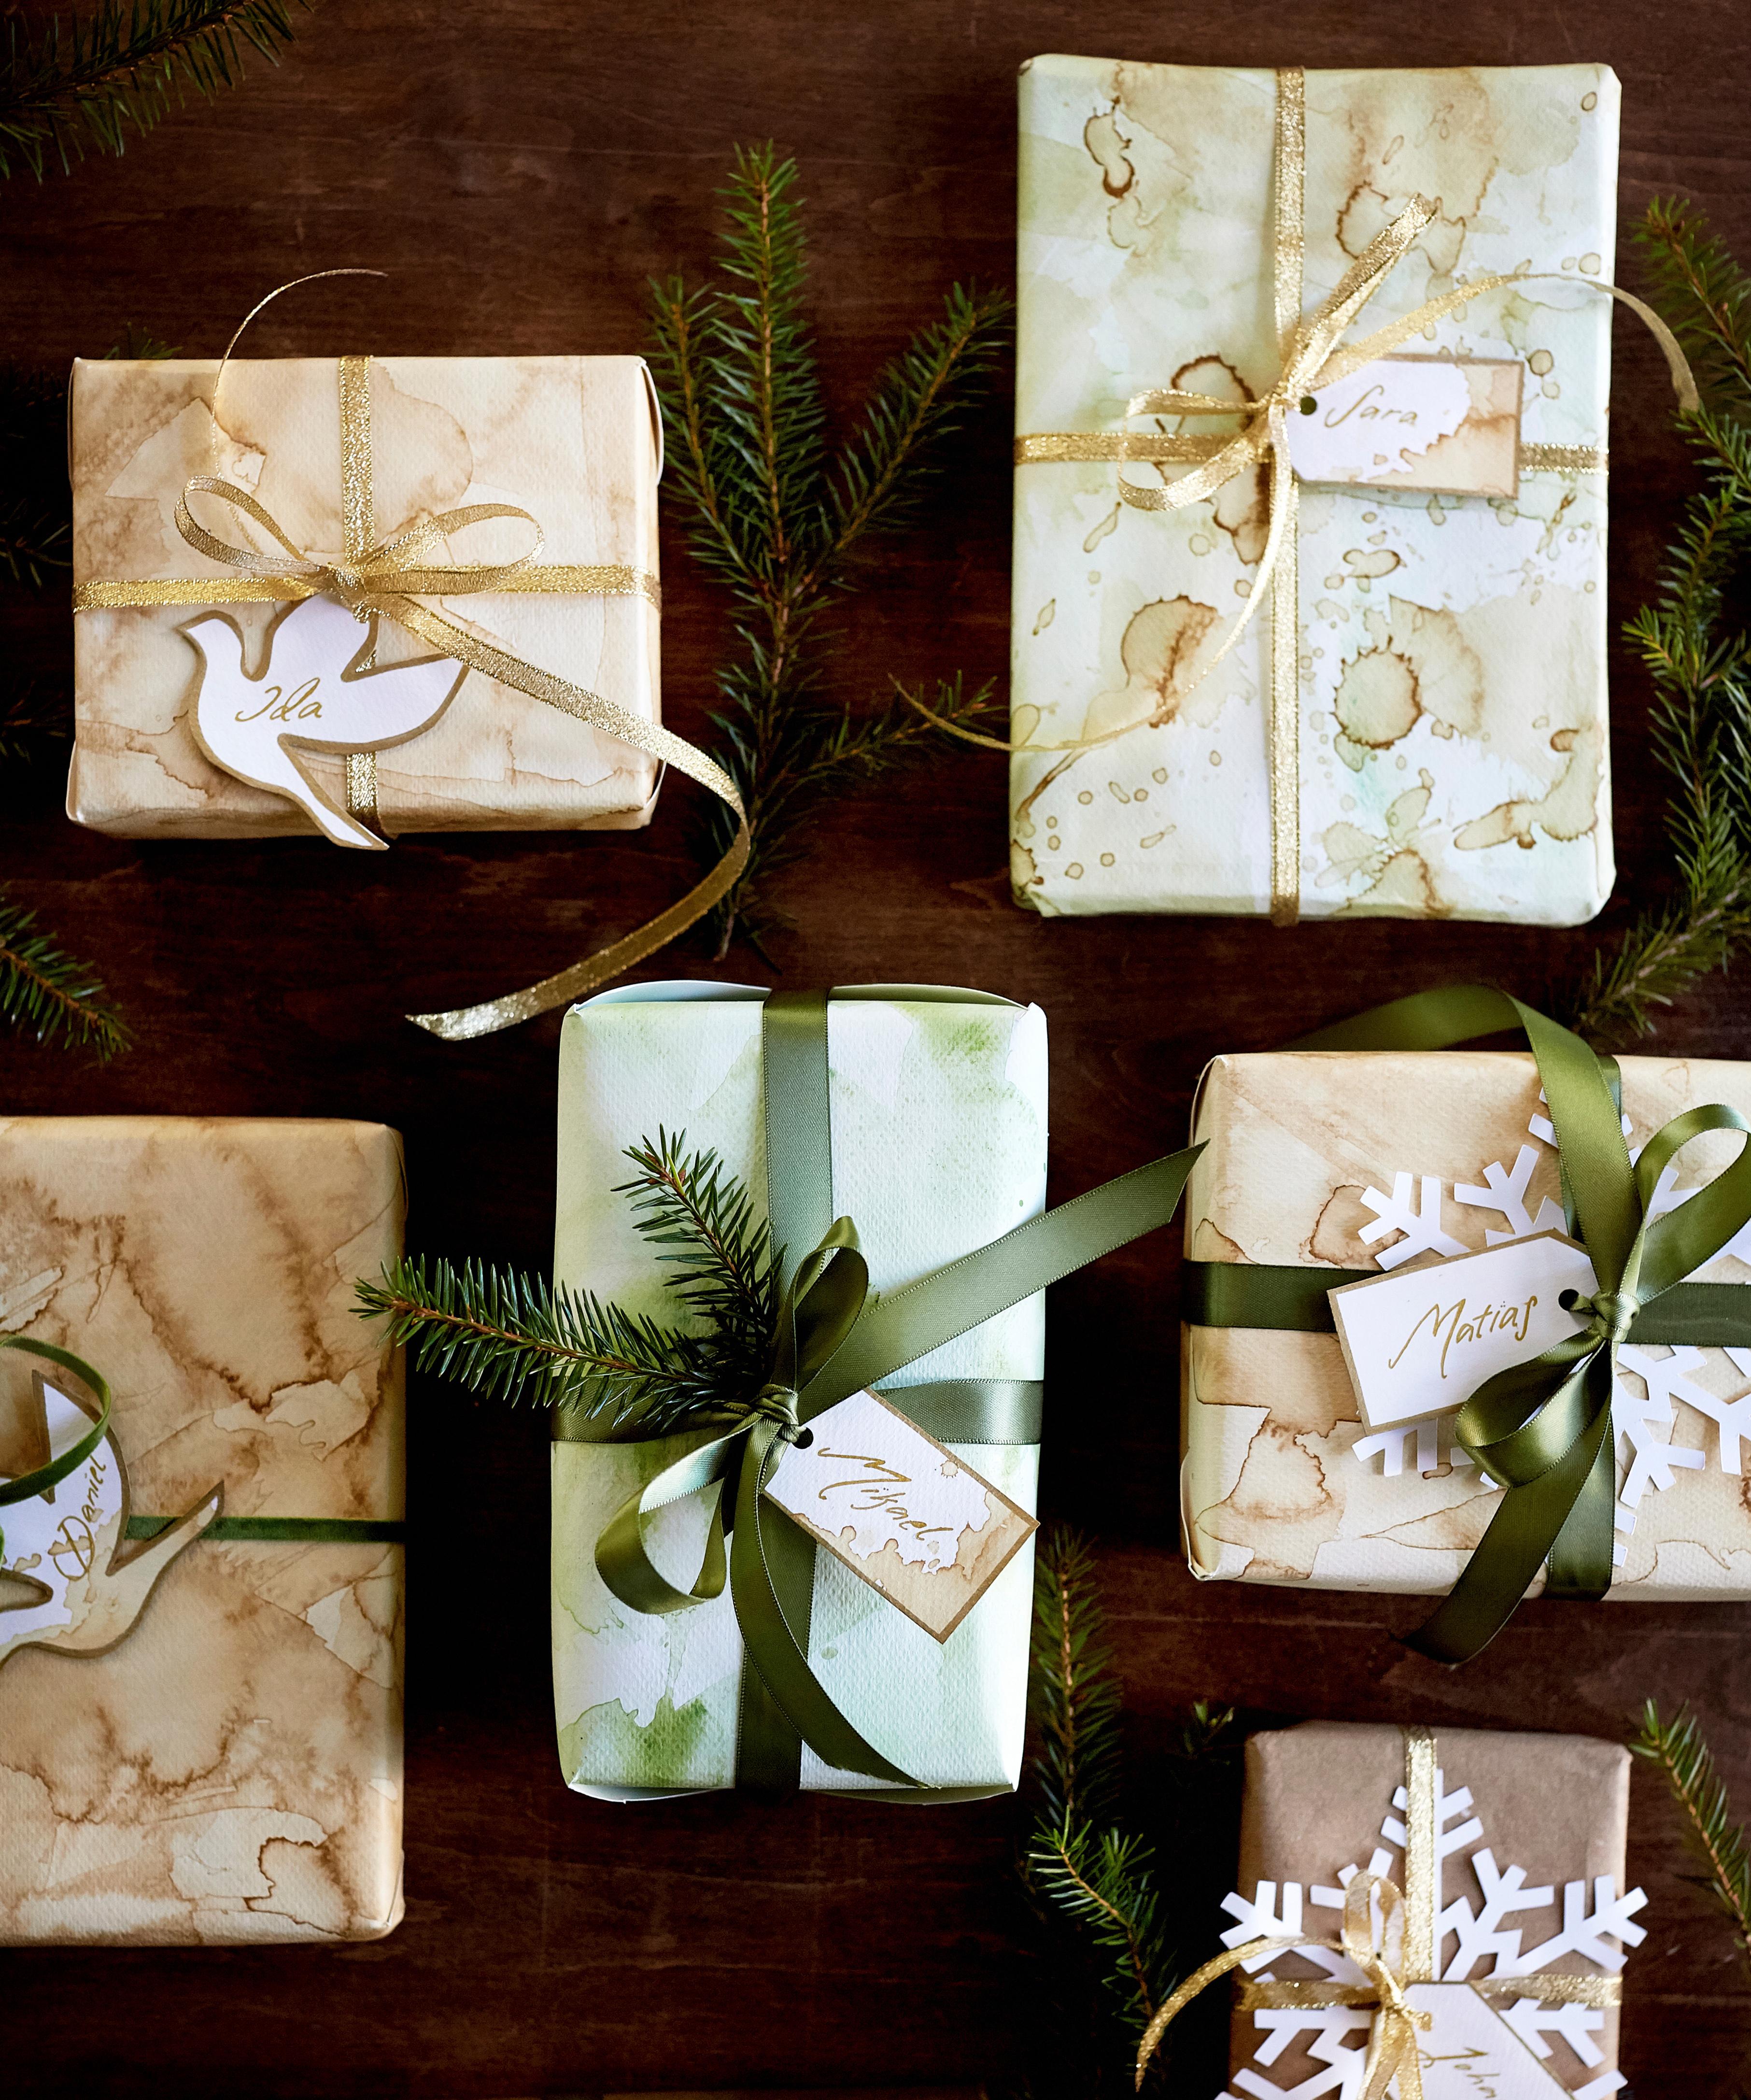 Nämä joululahjapaperit ovat saaneet ilmeensä kahvi- ja vesiväriroiskeista! Kurkkaa helppo ohje lahjapaperien tuunaamiseen täältä.